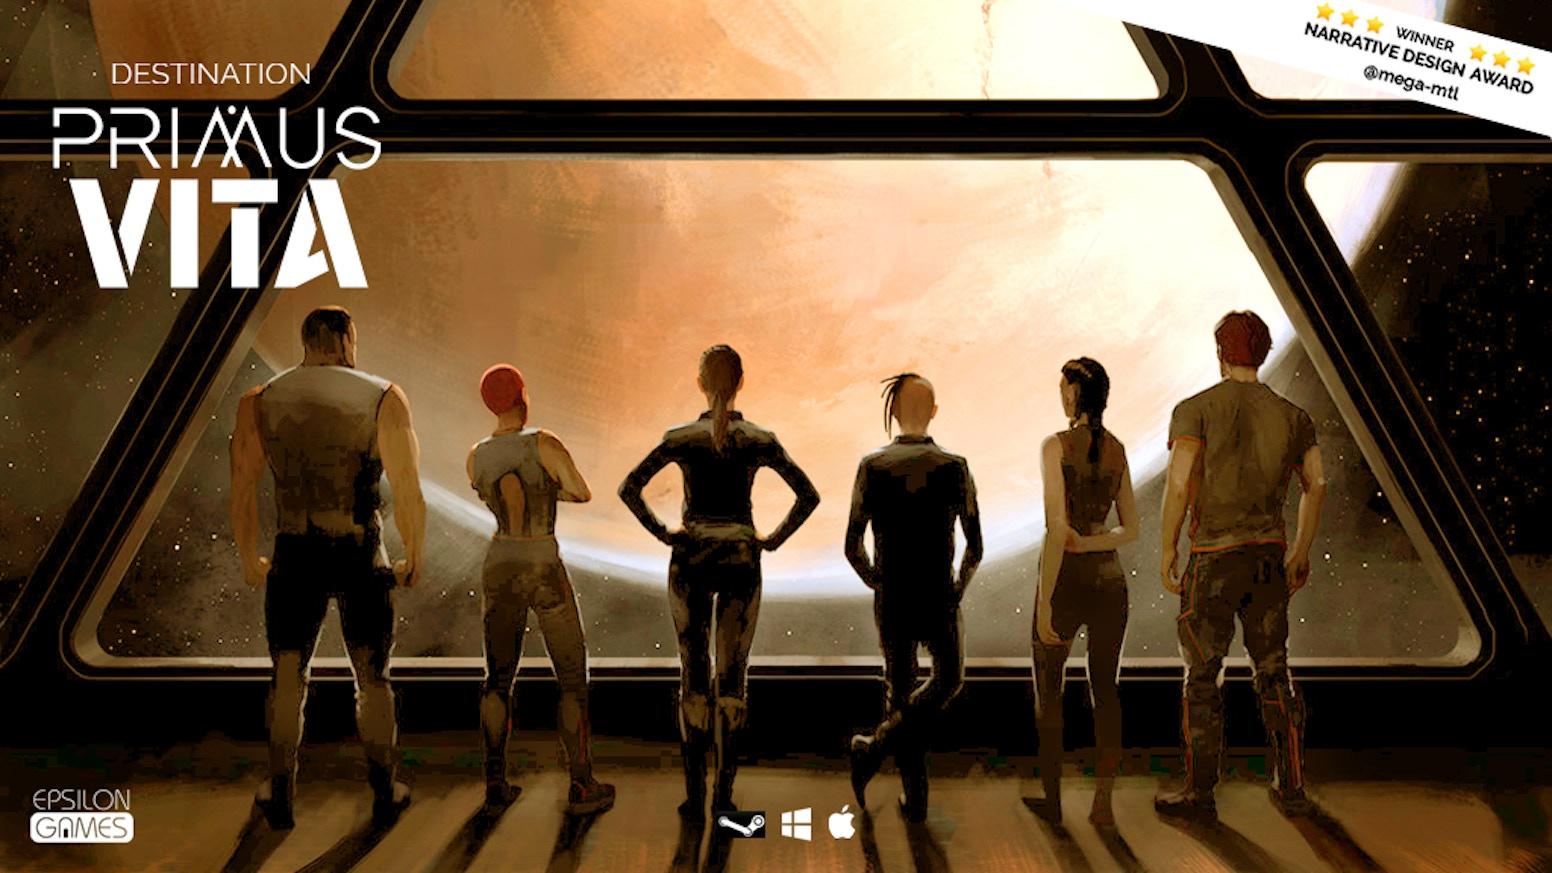 Destination Primus Vita is a science fiction, episodic first-person, narrative puzzle game.